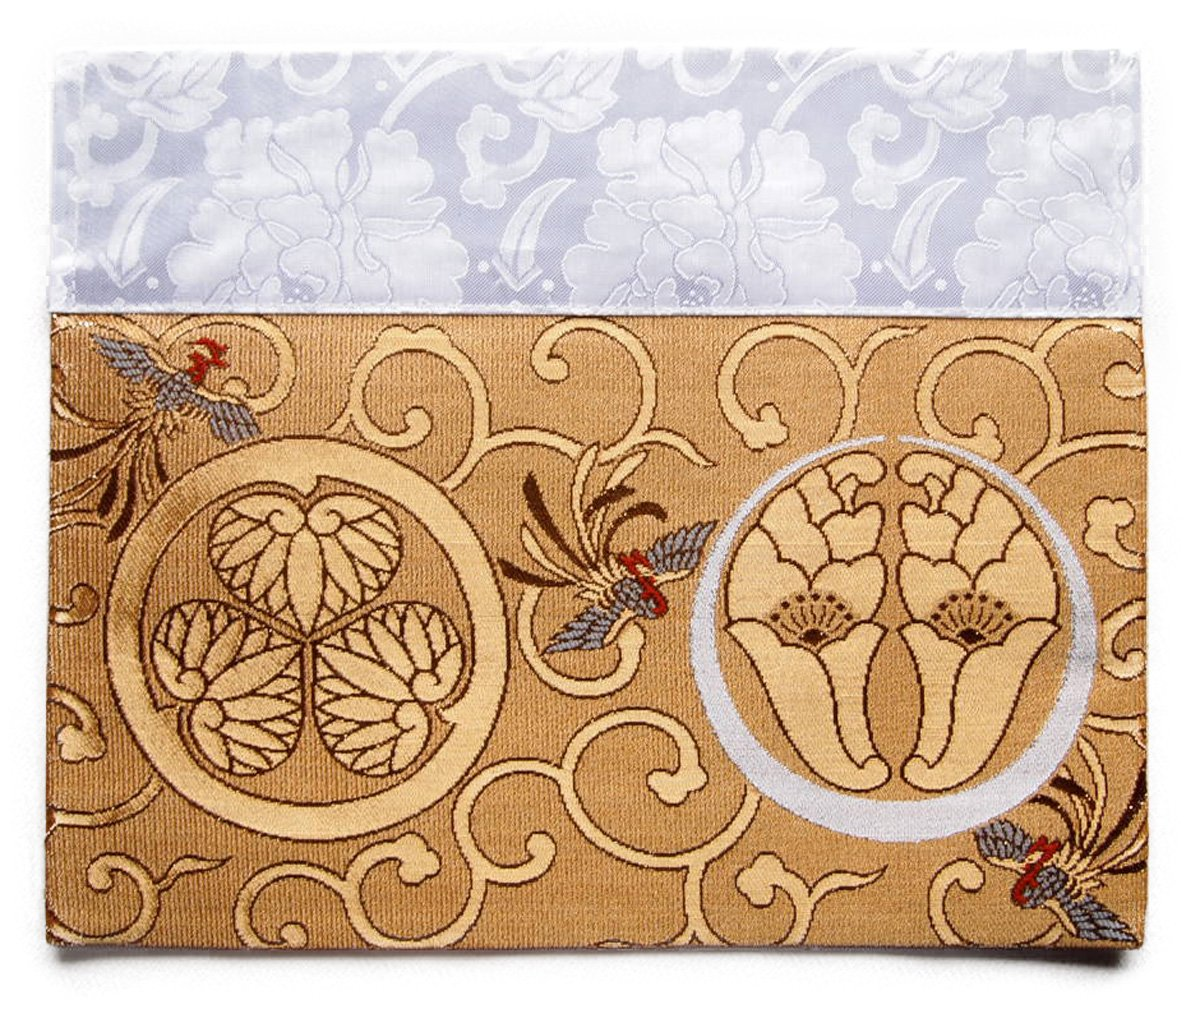 仏壇 打ち敷き (内敷き) 浄土宗 家紋 打敷き 四角 高級金らん布利用の一枚 (2尺60.6×31cm, 金色) B076H56SXC金色 2尺60.6×31cm